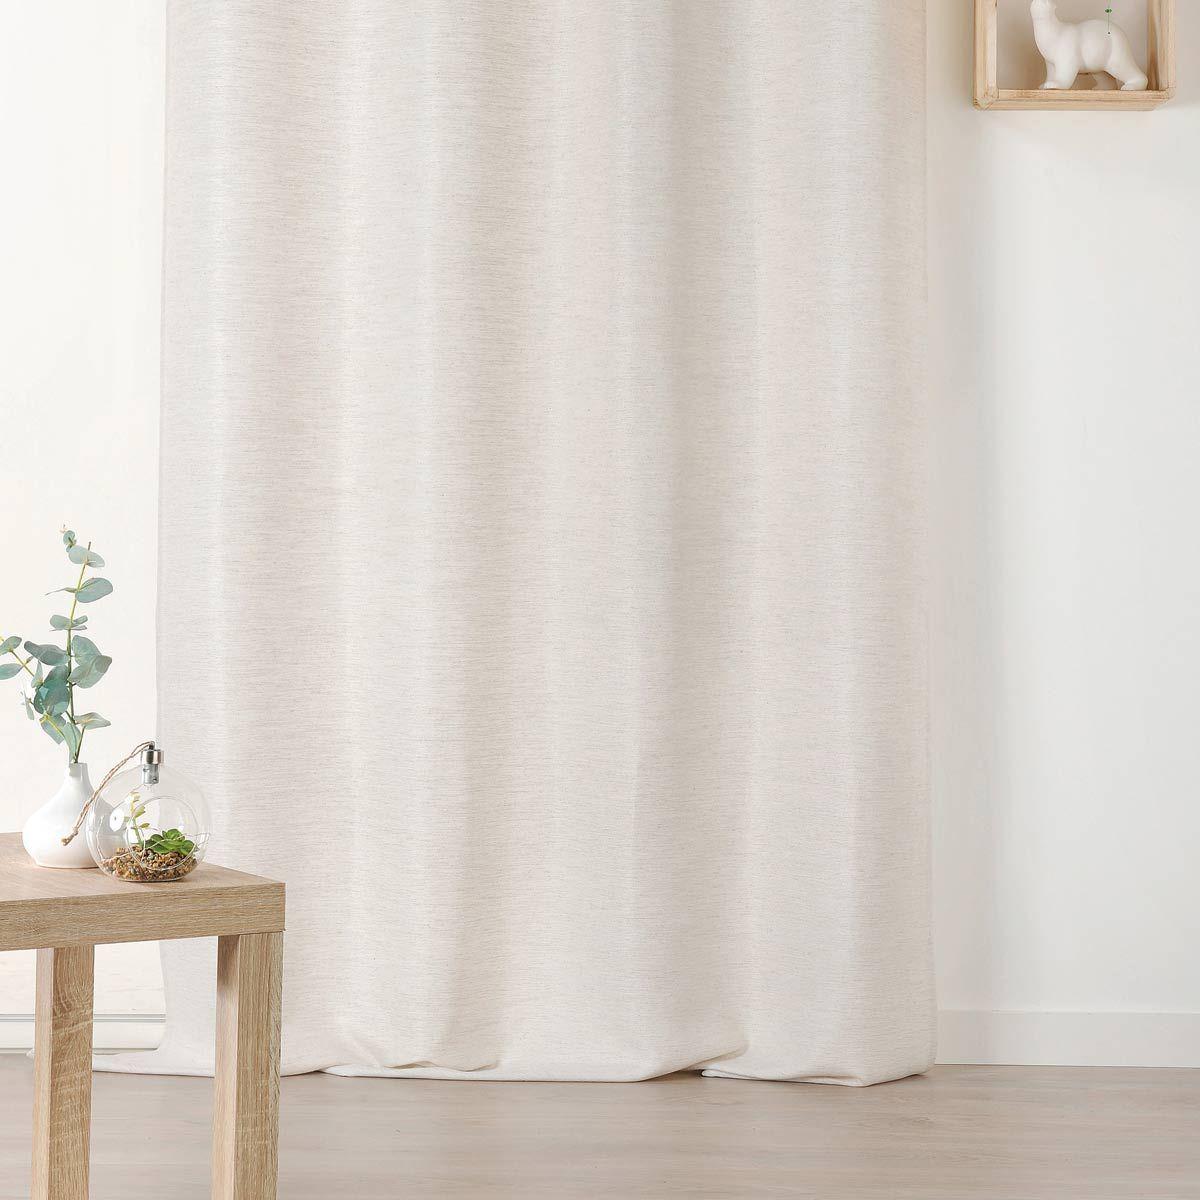 Rideau dépolluant beige chiné 135x240 cm